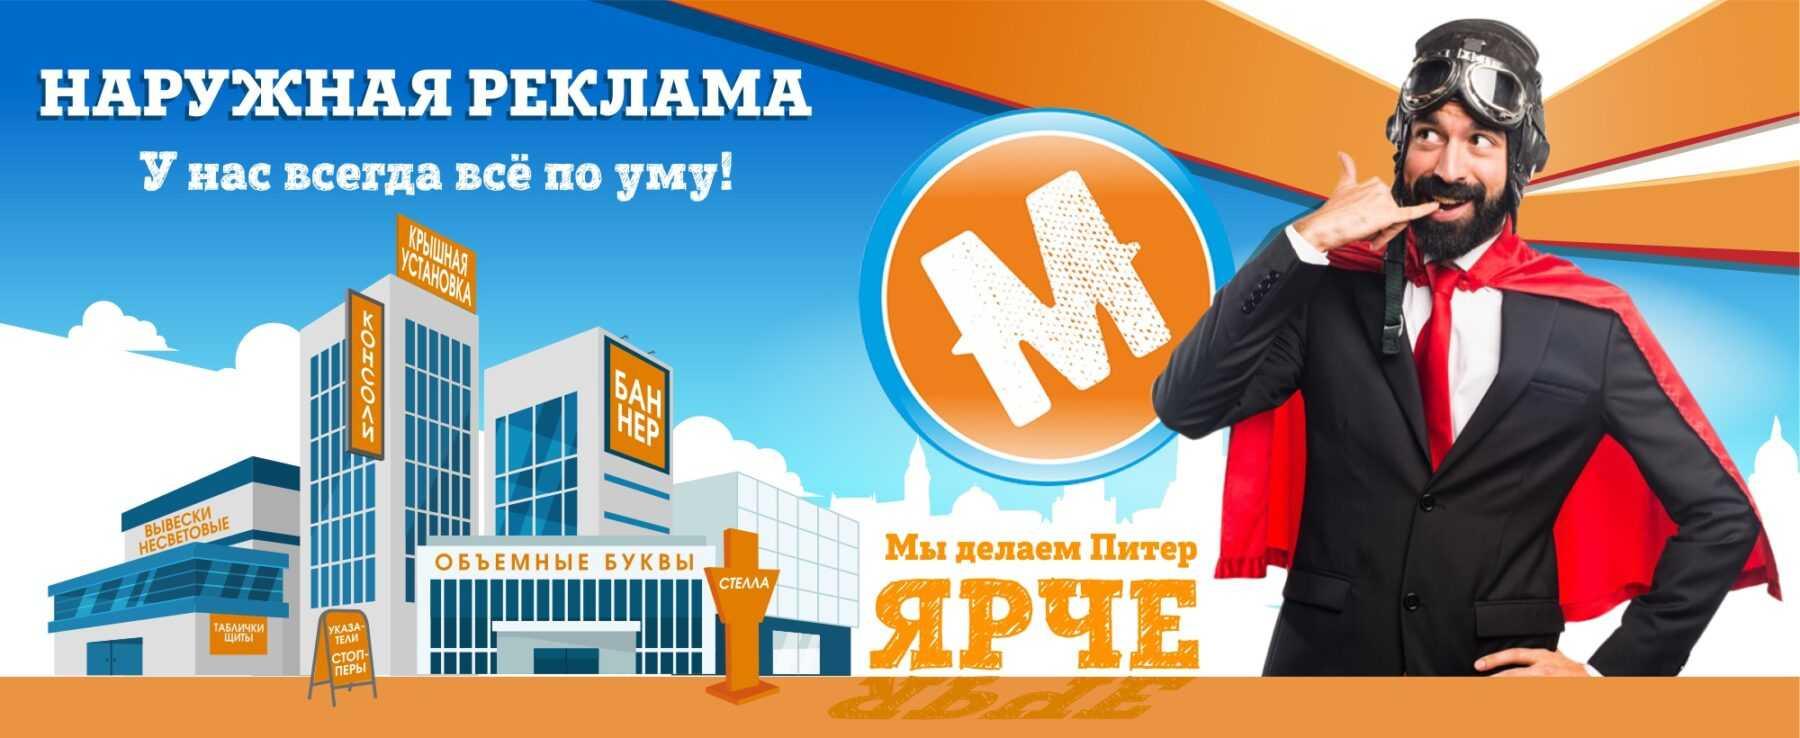 Мегаманго наружная реклама санкт петербург спб мега манго изготовление вывесок и объемных букв в санкт петербурге